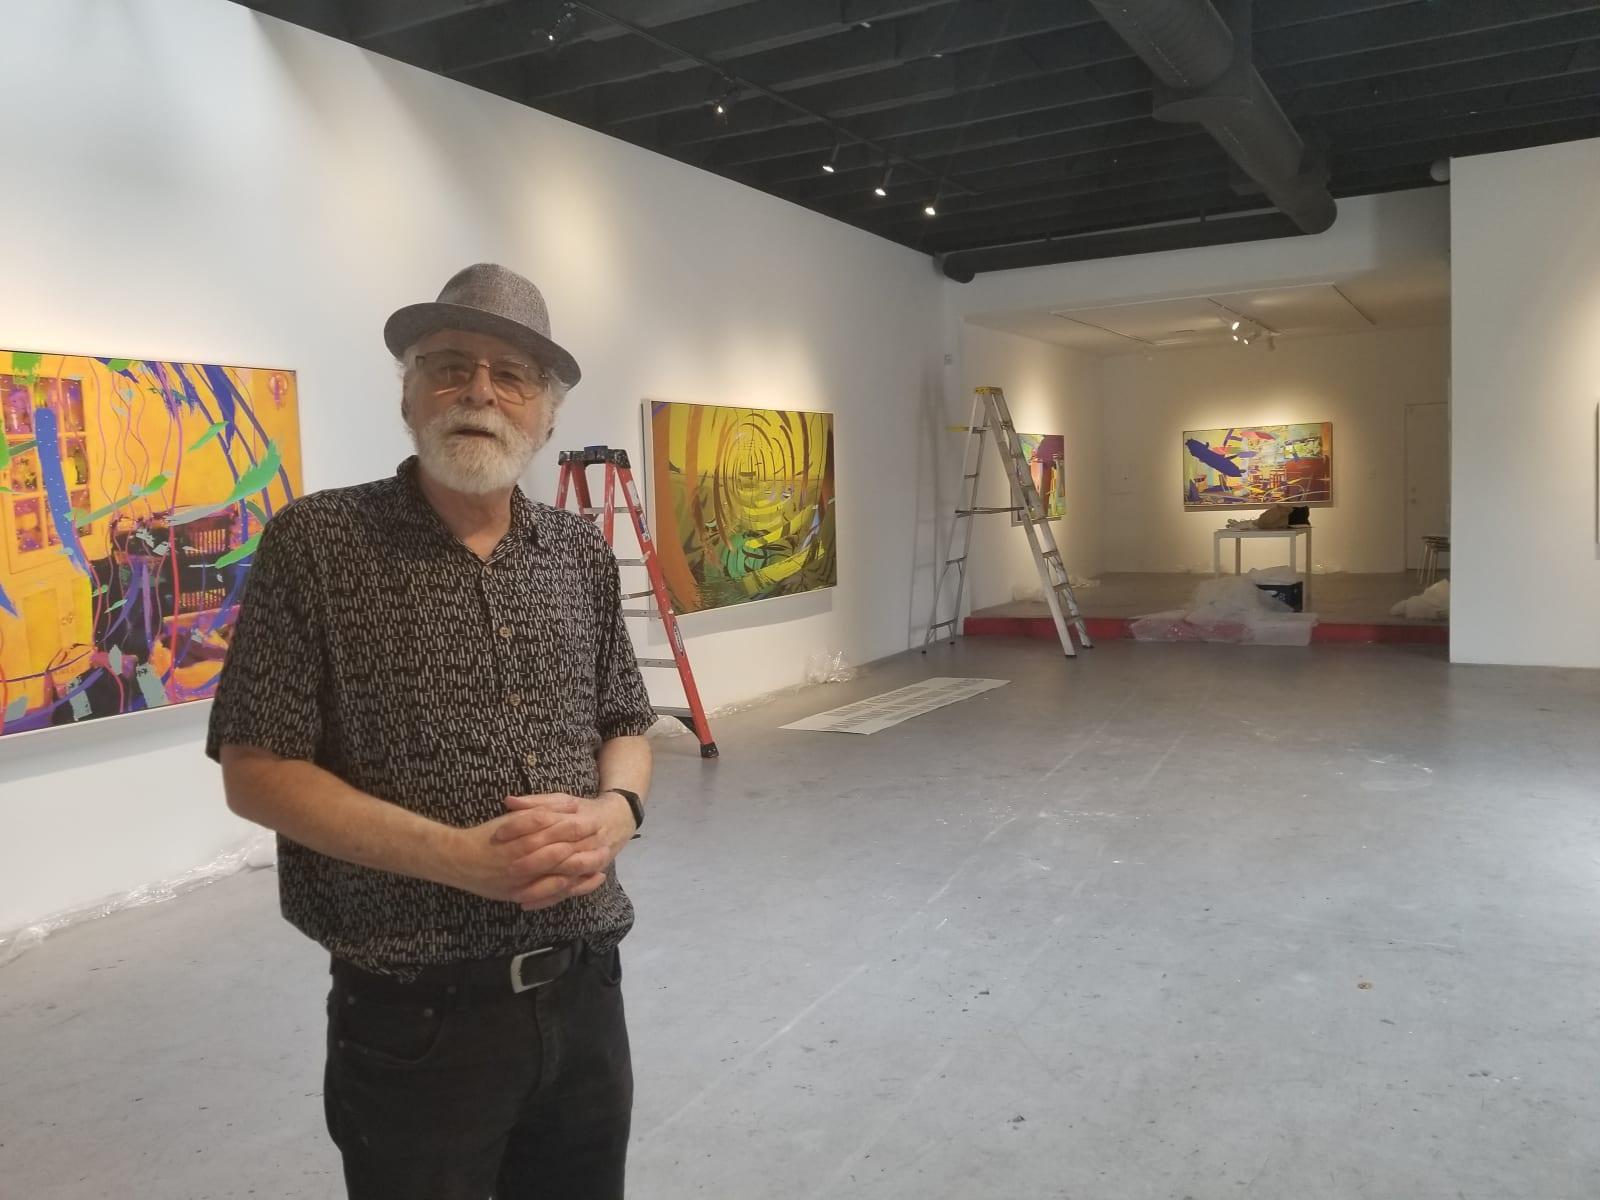 David S. Rubin, Ehibition Curator